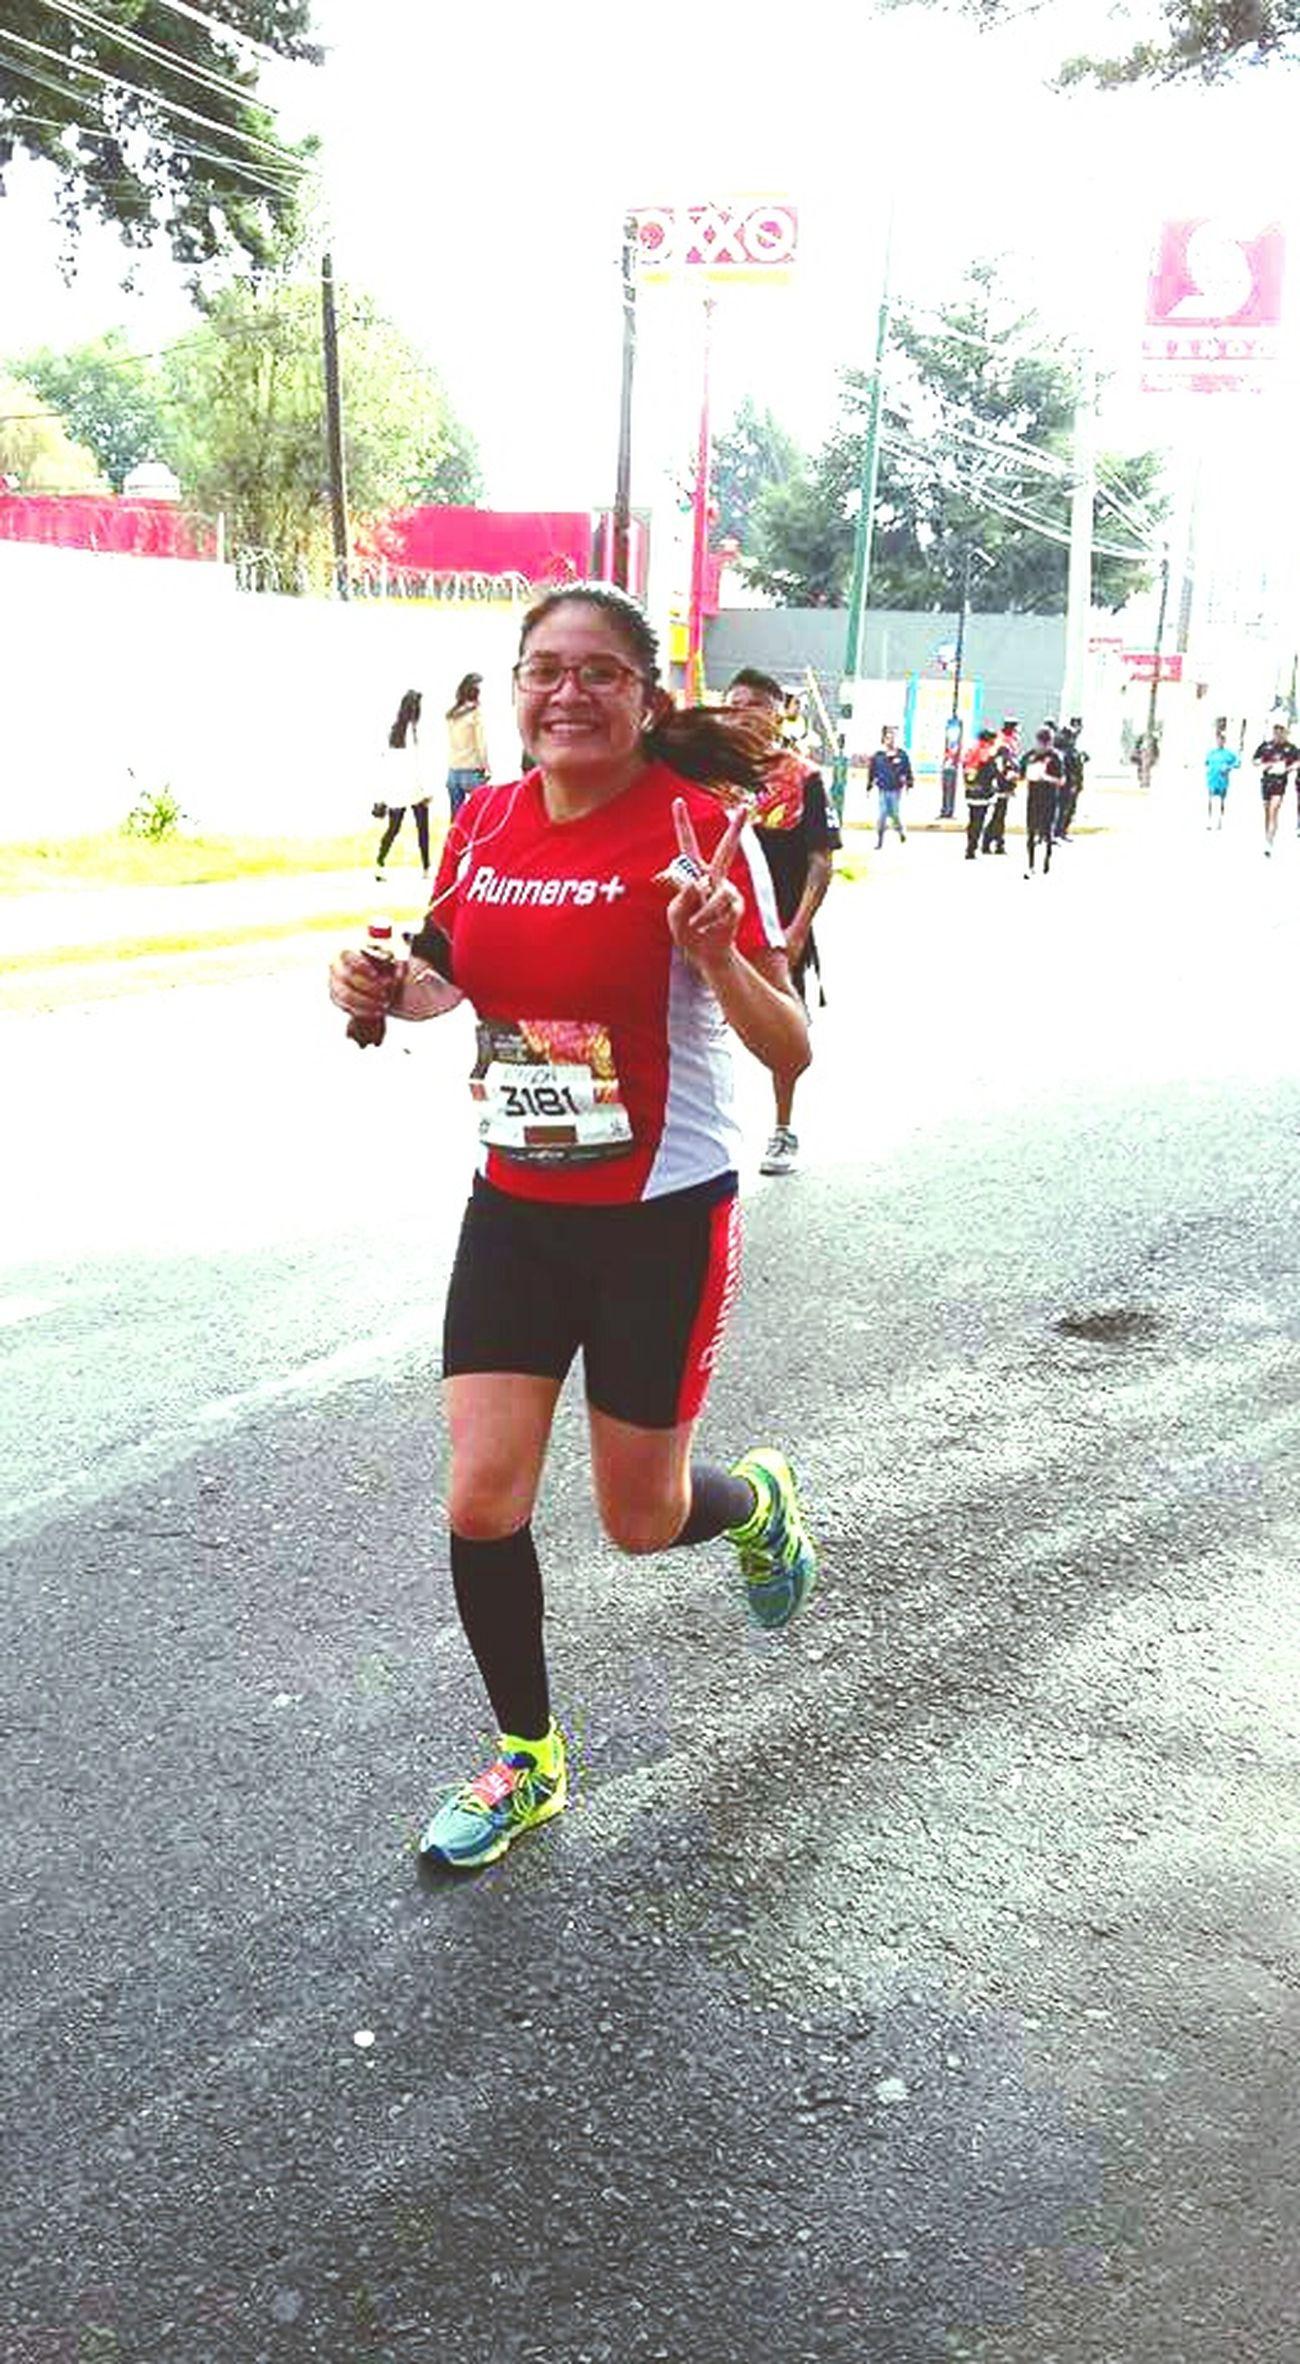 Running Around MedioMaratón Running Time Nike✔ Toluca ❤️ Reto Instalike Runnersworld Run Run Run Girl Nikerunning Runners By ITag Runnerscommunity Runnersconnect Themazerunner Runnerslife Distance Runners